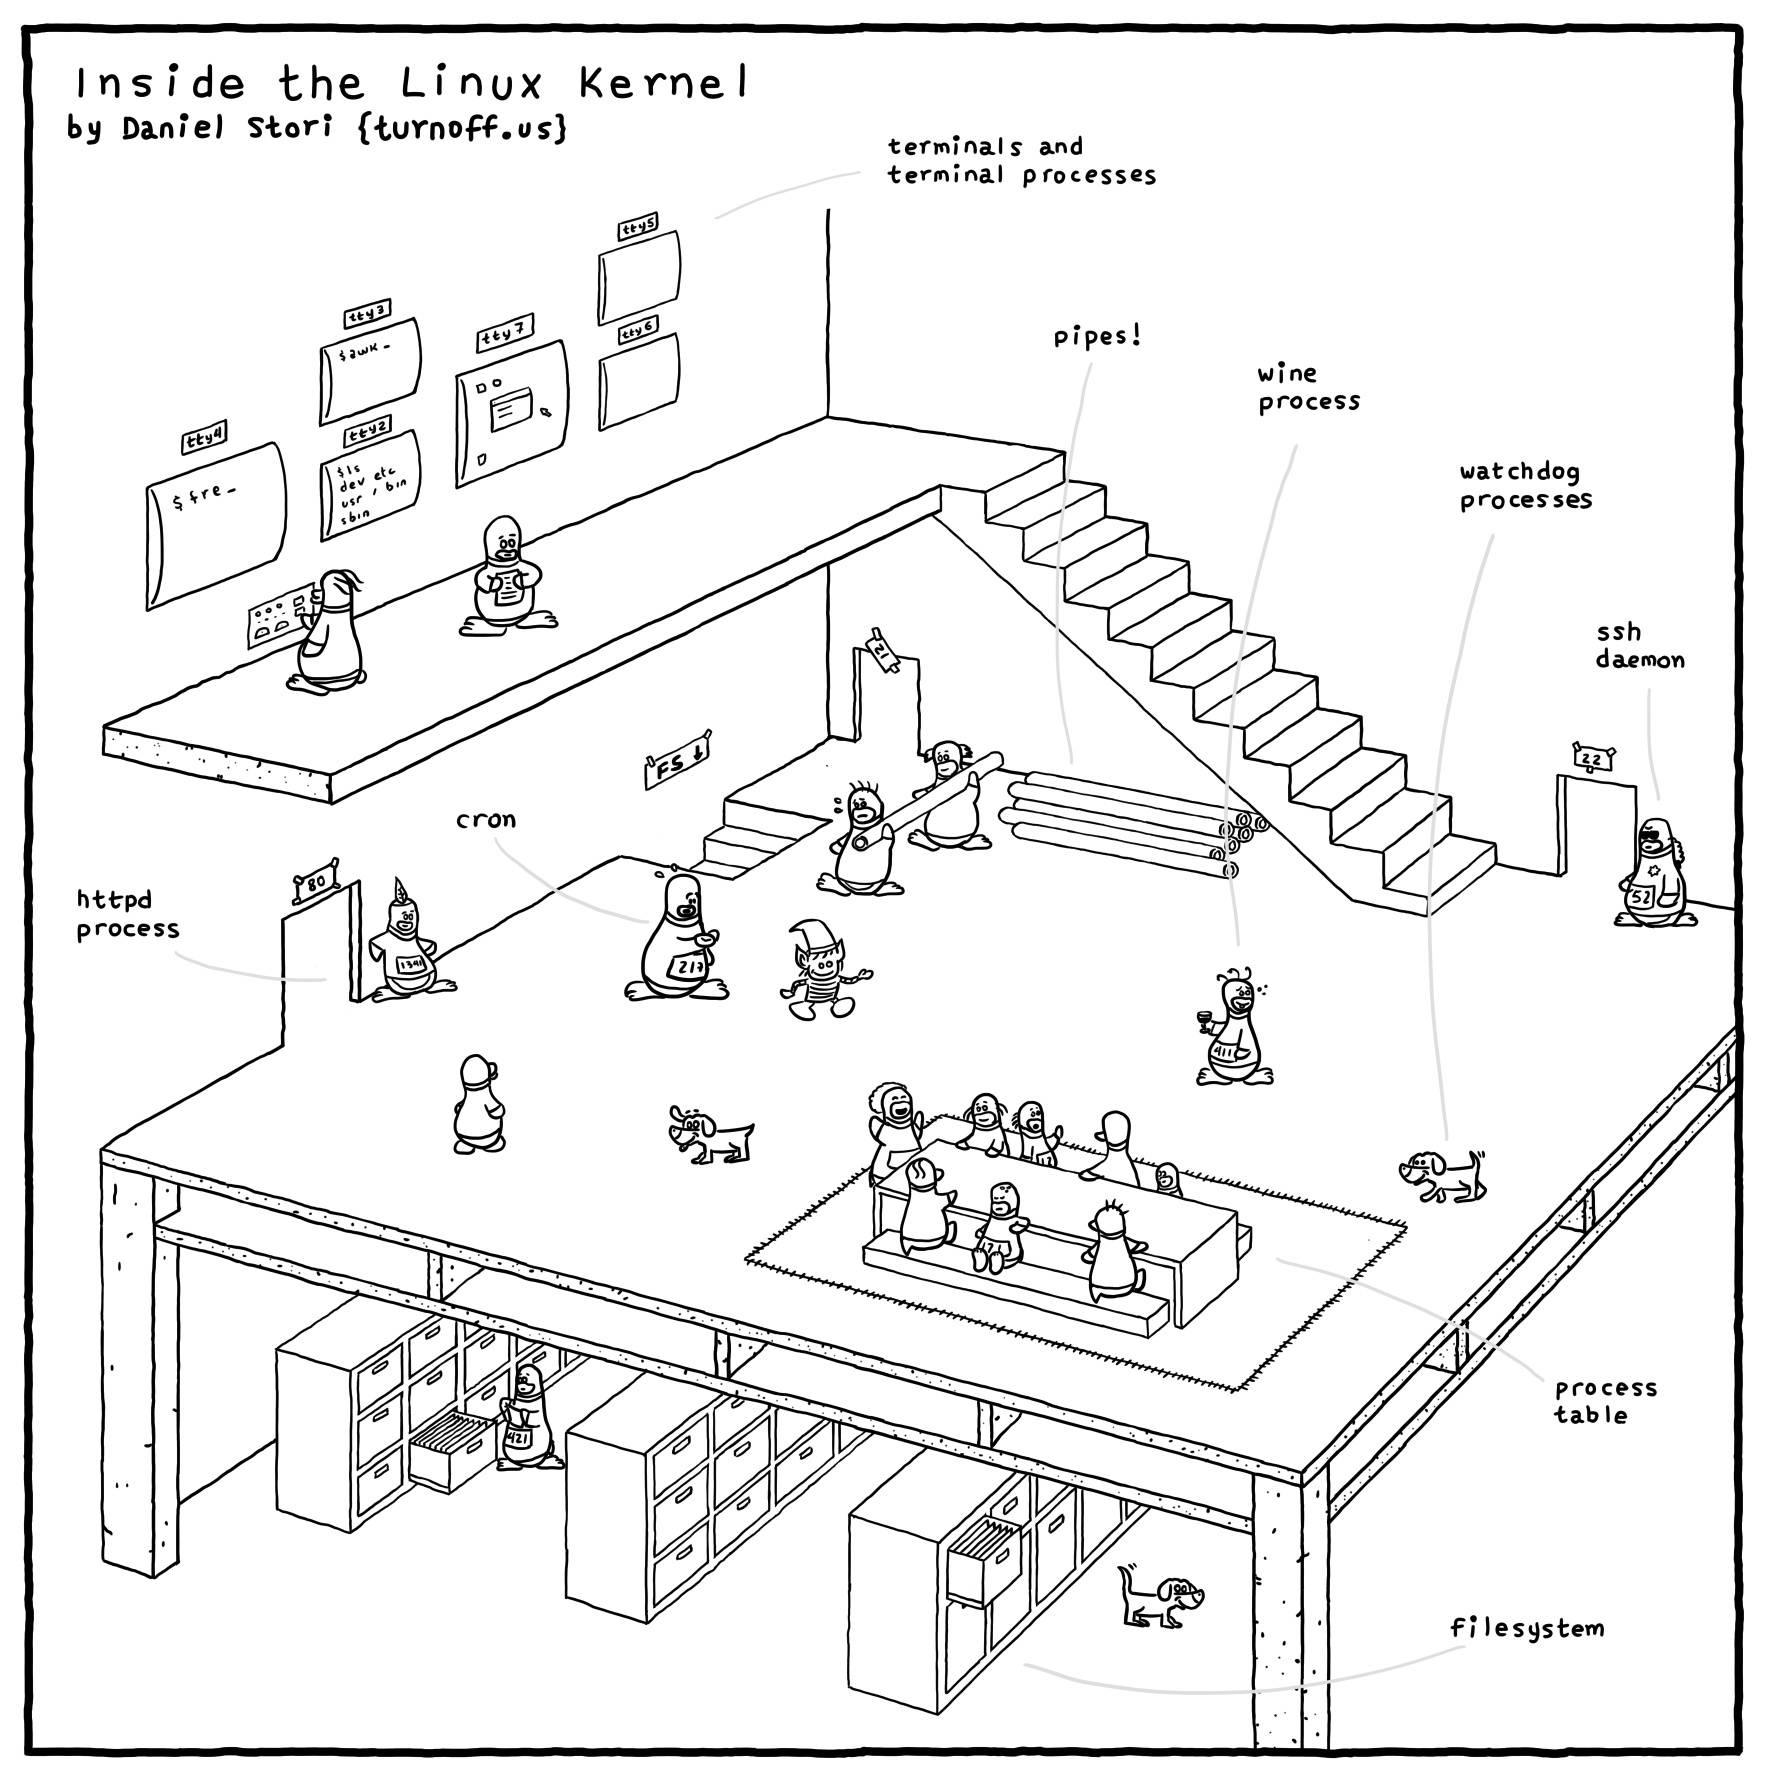 漫画 - Linux 内核结构图